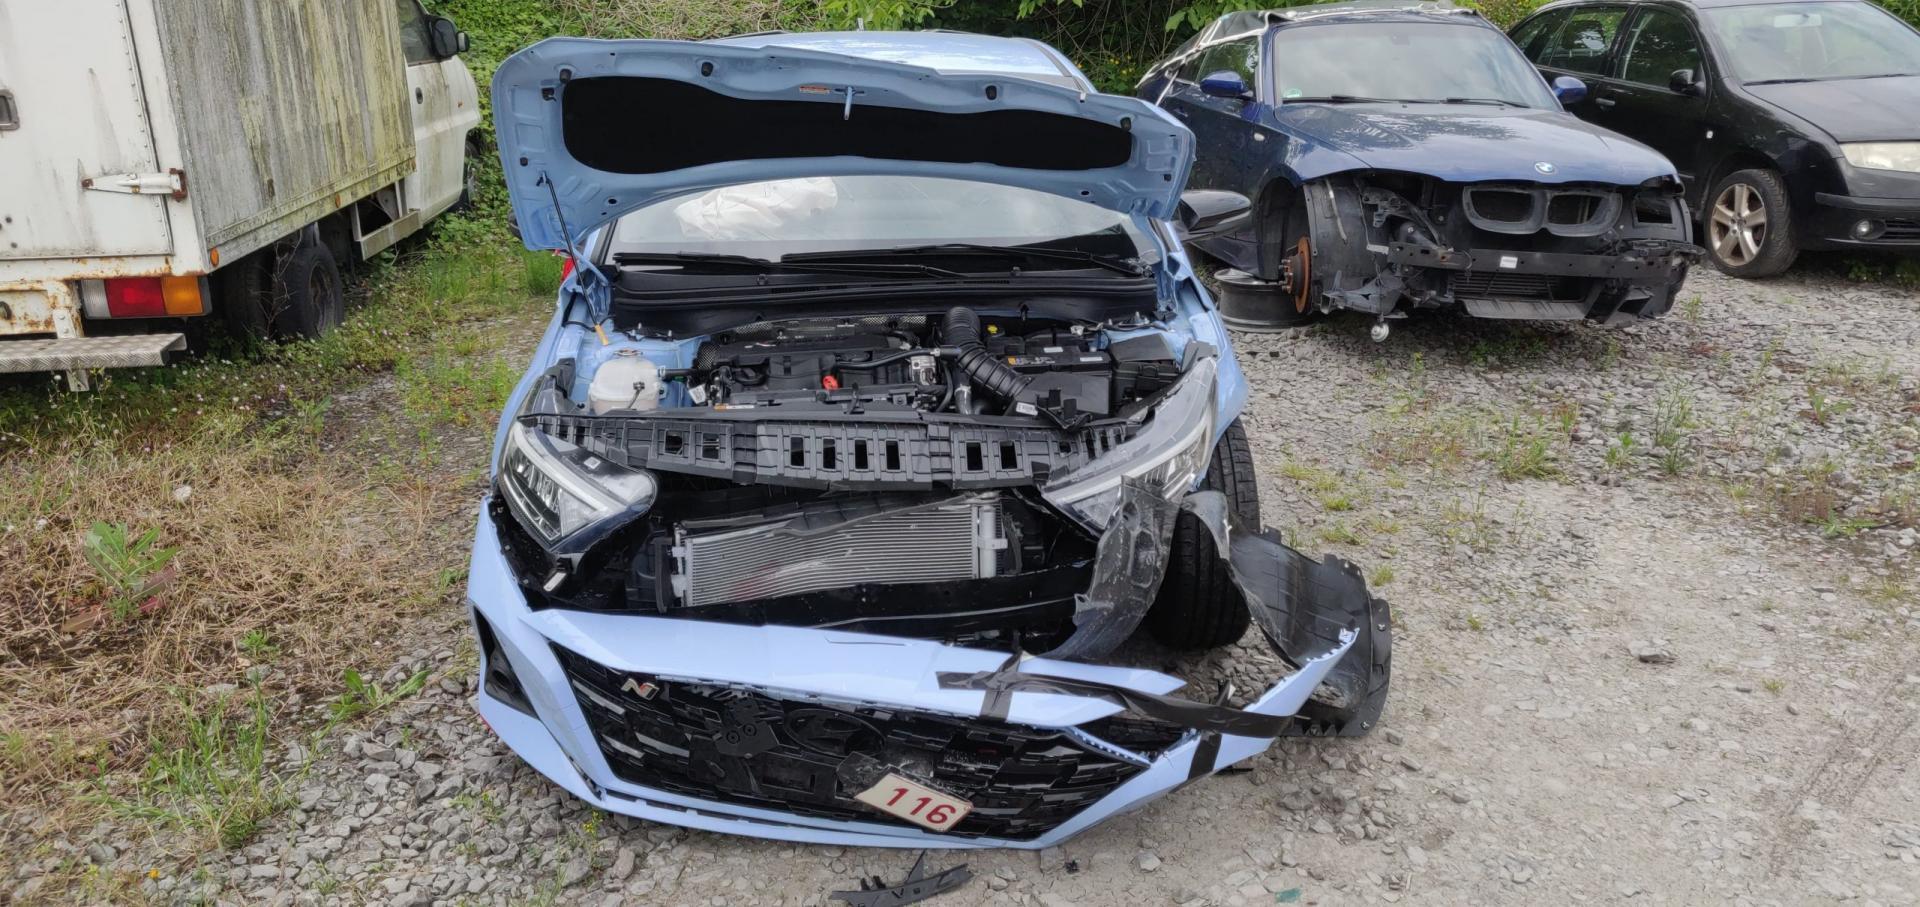 Hyundai i20 N crash